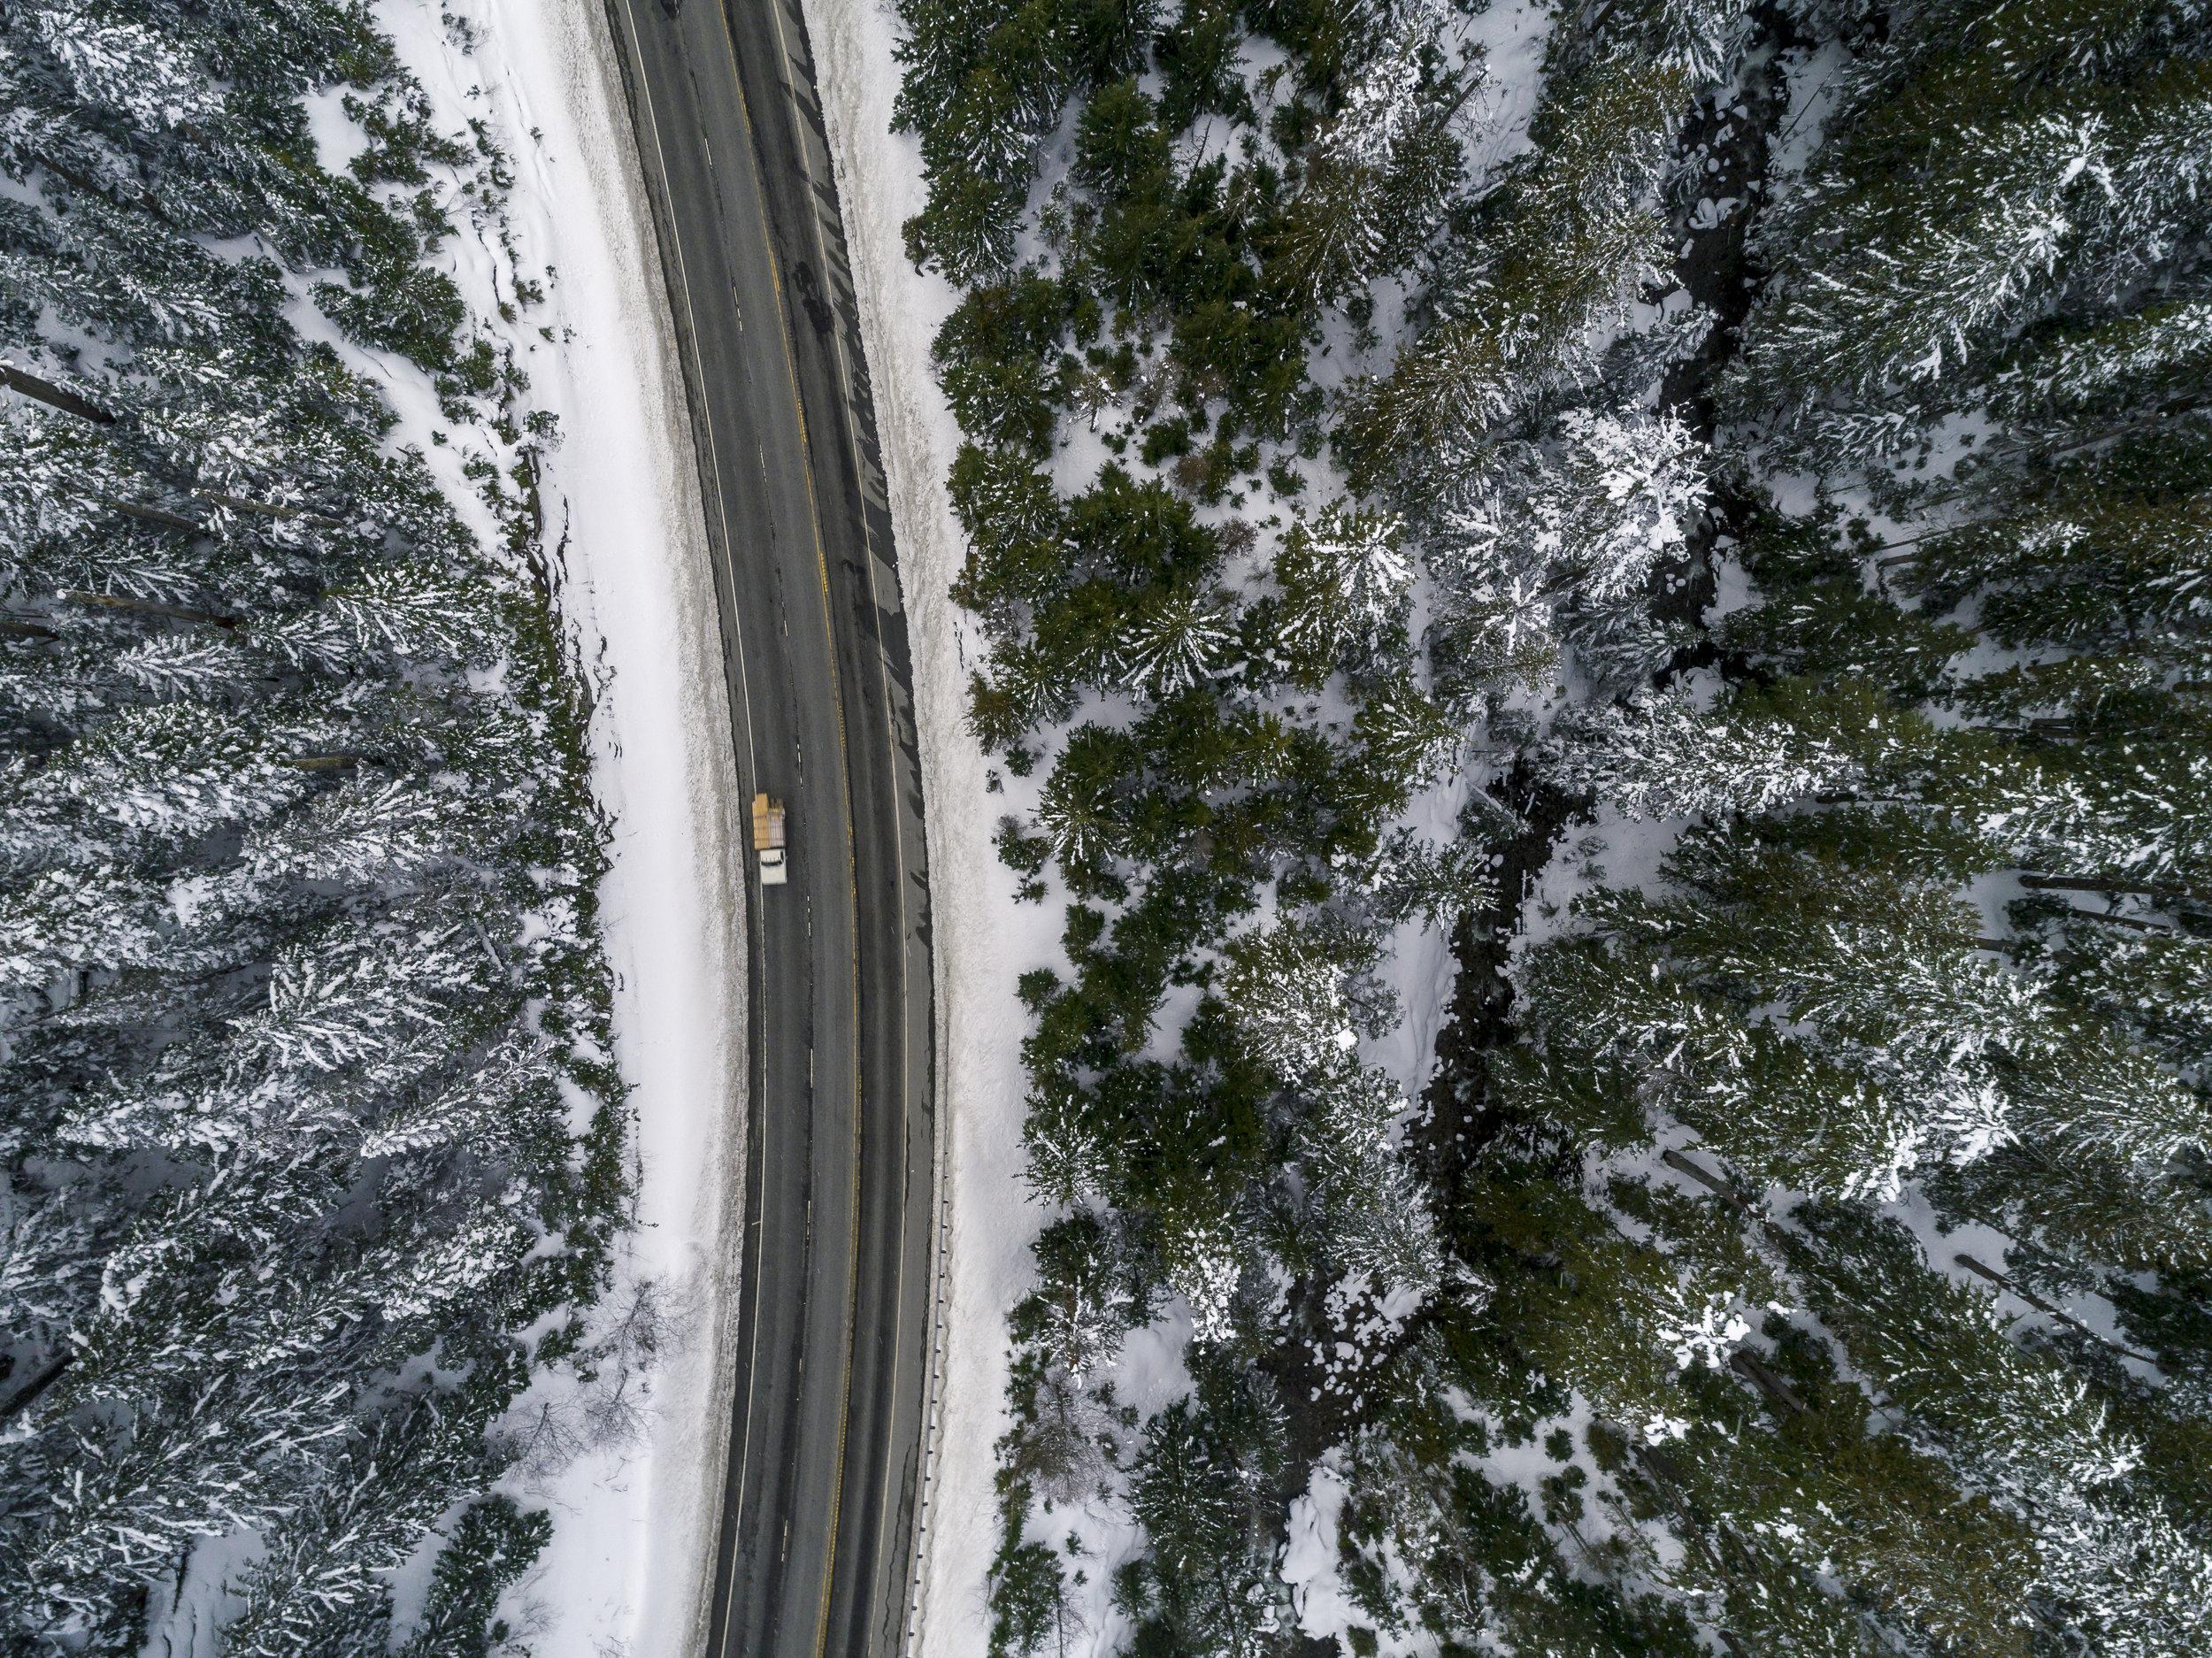 Pacific_Northwest_Overhead_Snowy_Highway_Aerial.jpg